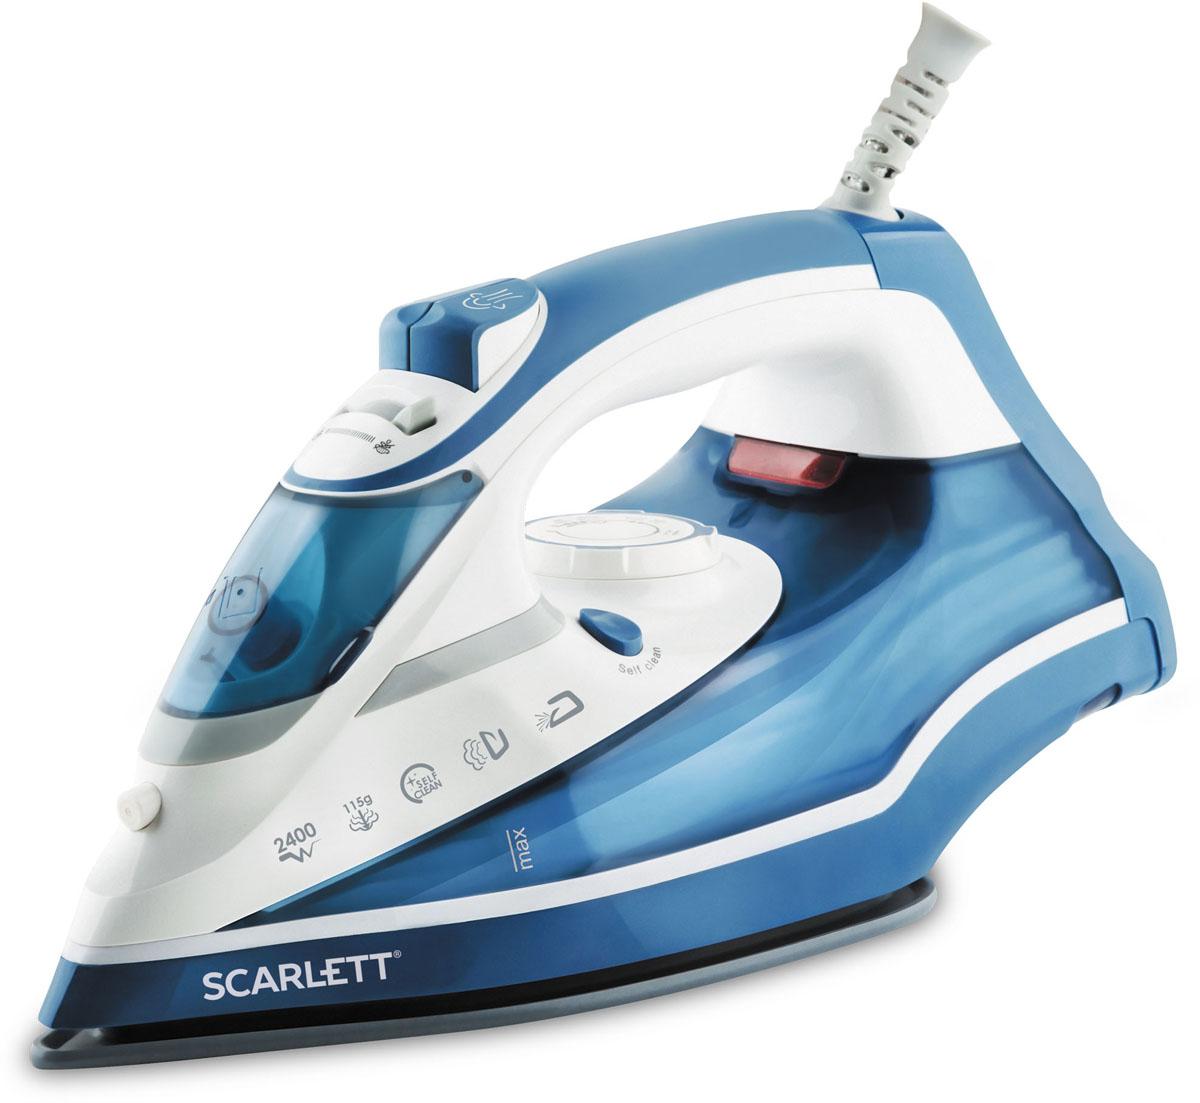 Scarlett SC-SI30K17, Blue утюгSC-SI30K17Утюг Scarlett SC-SI30K17 снабжён очень мощным нагревательным элементом, который достигает рабочей температуры уже через 30 секунд после включения. Он легко справляется с глажкой любых тканей за счёт применения функций разбрызгивания воды, вертикального отпаривания и парового удара.Высокопрочный материал, использующийся при изготовлении основания прибора, всегда сохраняет гладкость и легко скользит по любым материалам. Он не допускает случайного пригорания или разрыва белья.Функция самоочистки предотвращает заполнение внутренних капилляров накипью, способное стать причиной поломки утюга.Эргономичная рукоятка помогает надёжно удерживать утюг в руках при активной глажке, а шарнирное крепление предотвращает спутывание провода.